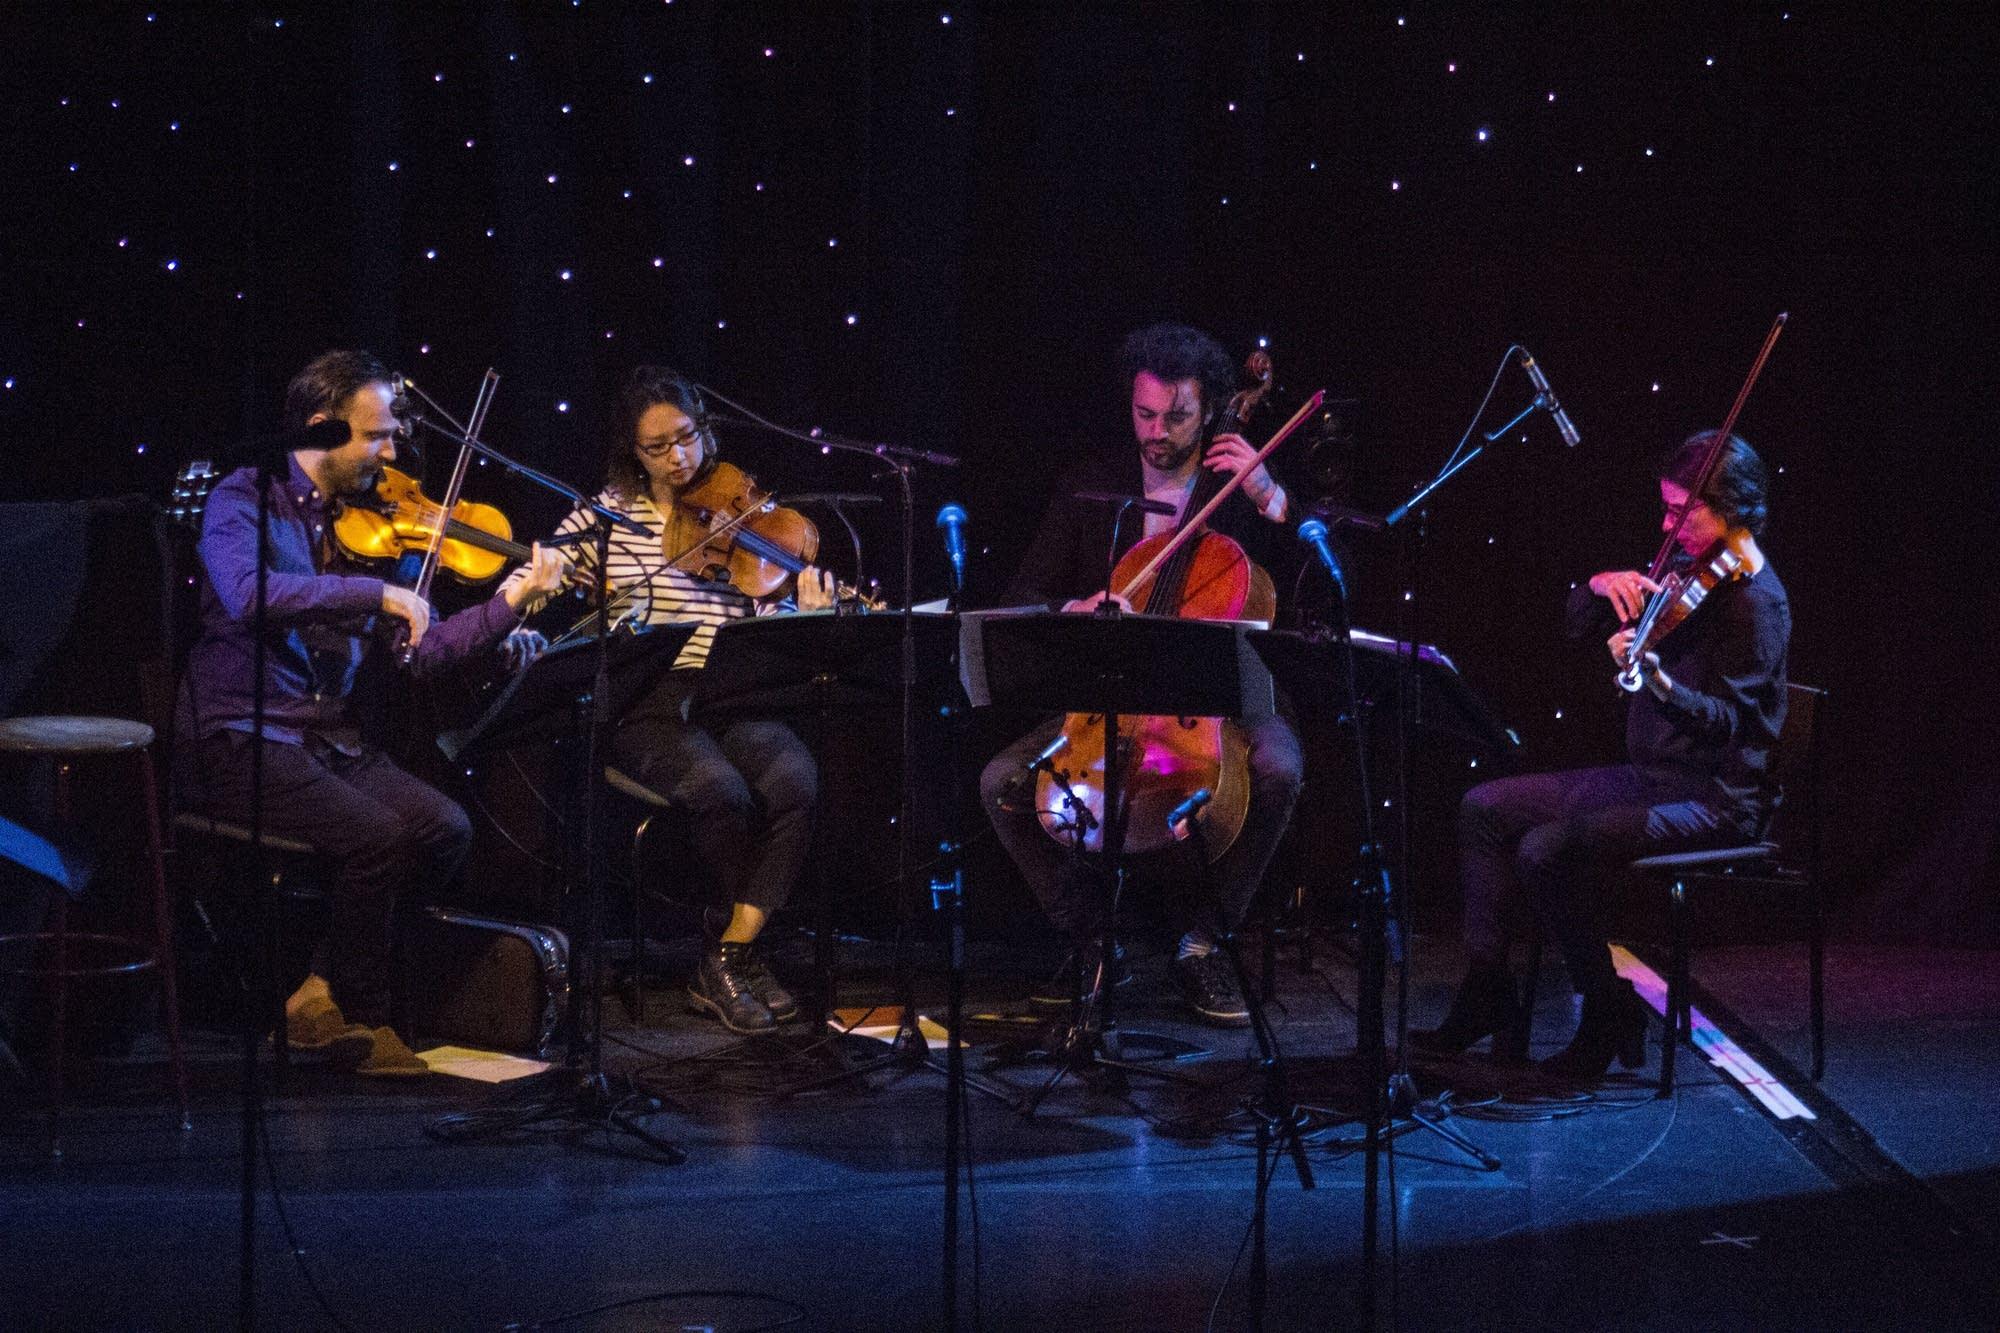 Alesund - 27 - The Knights Quartet